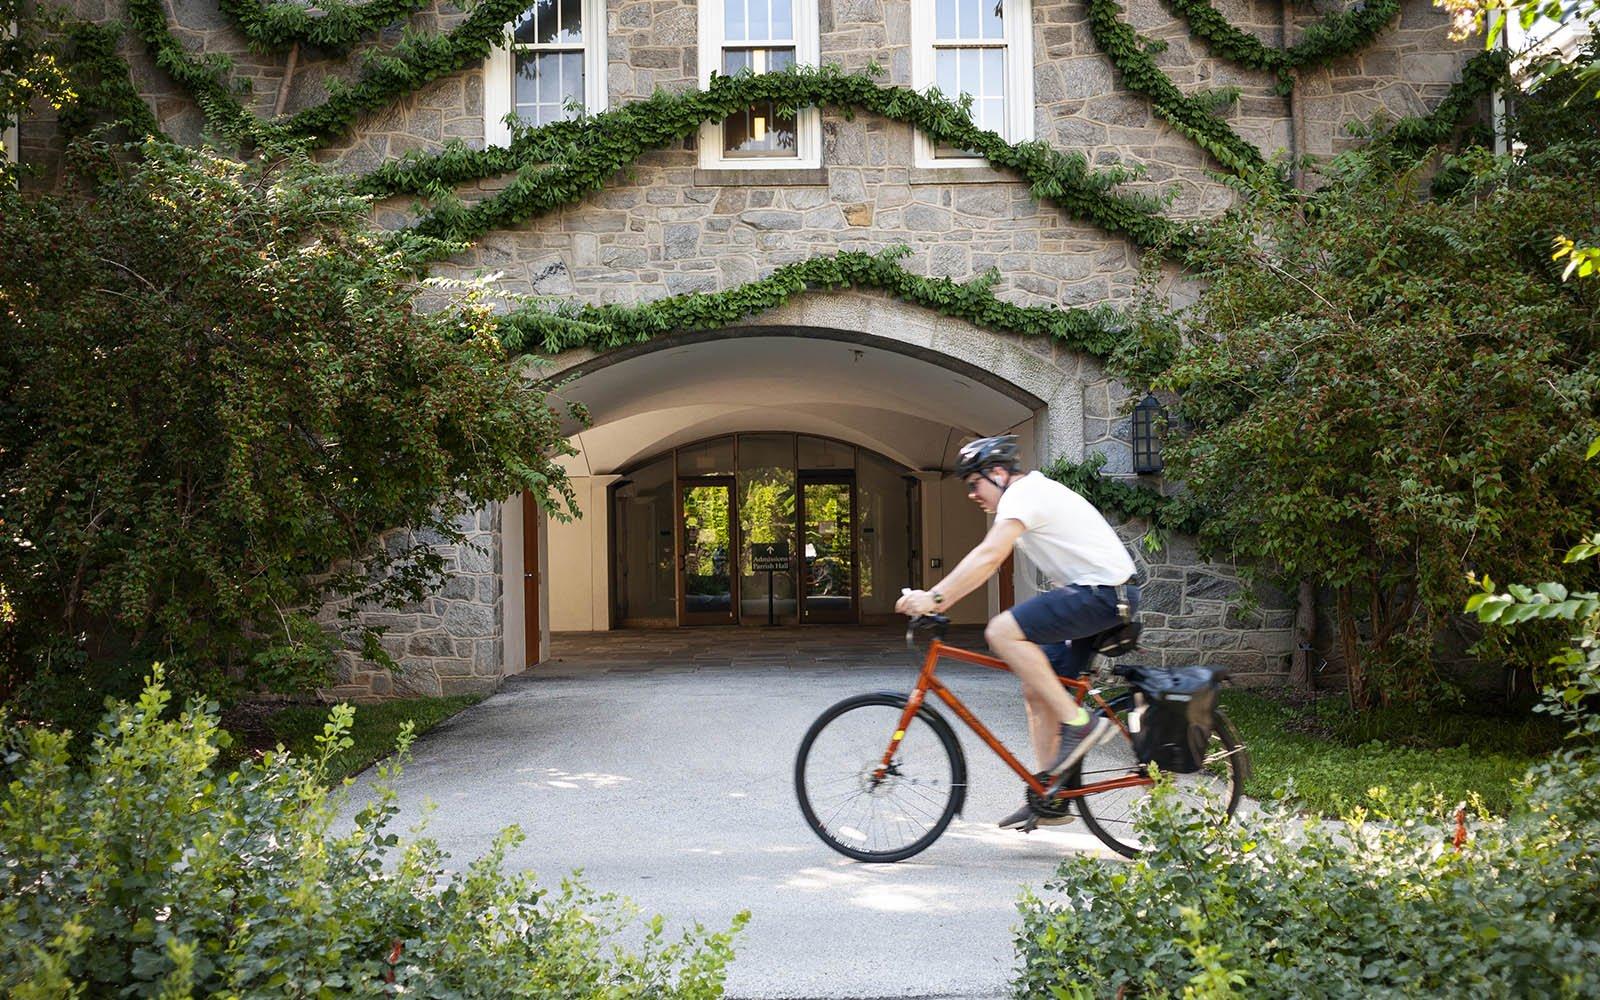 biking by parrish